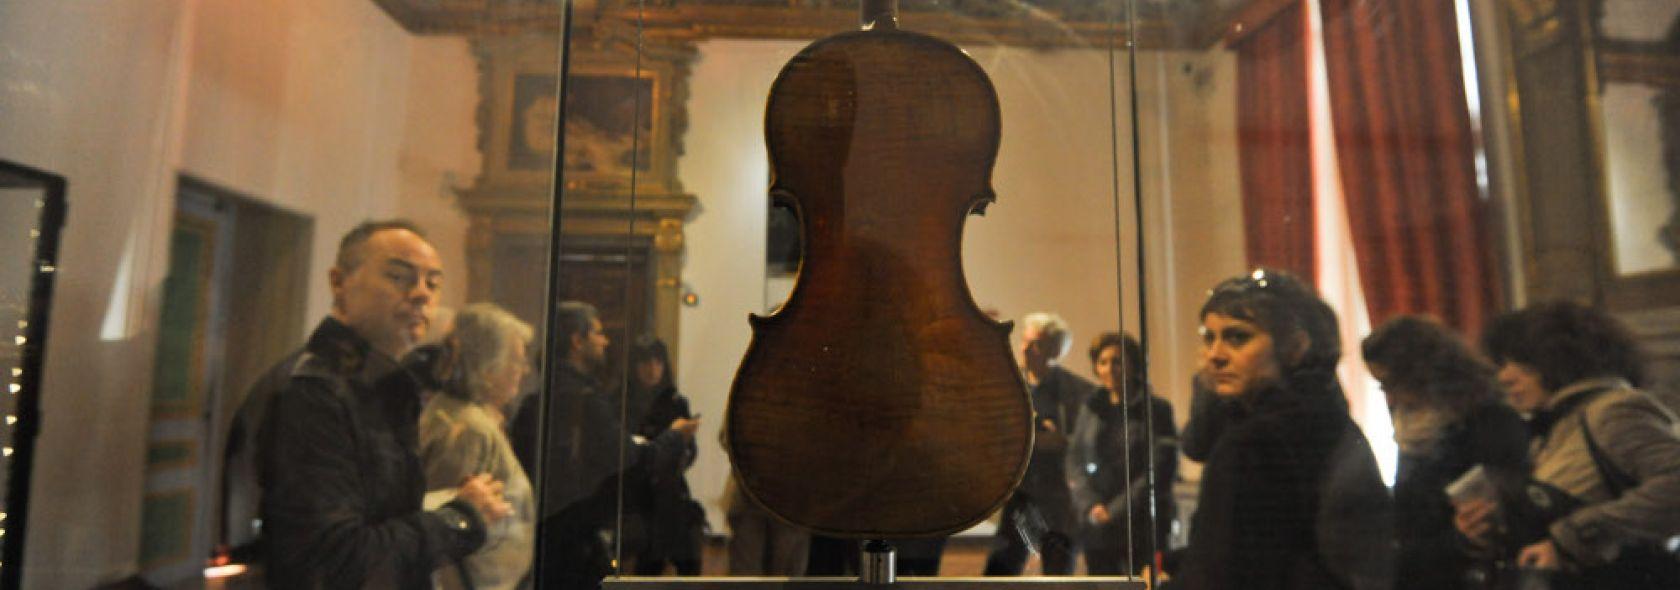 Sala Paganiniana at Palazzo Tursi - ph.Leoni